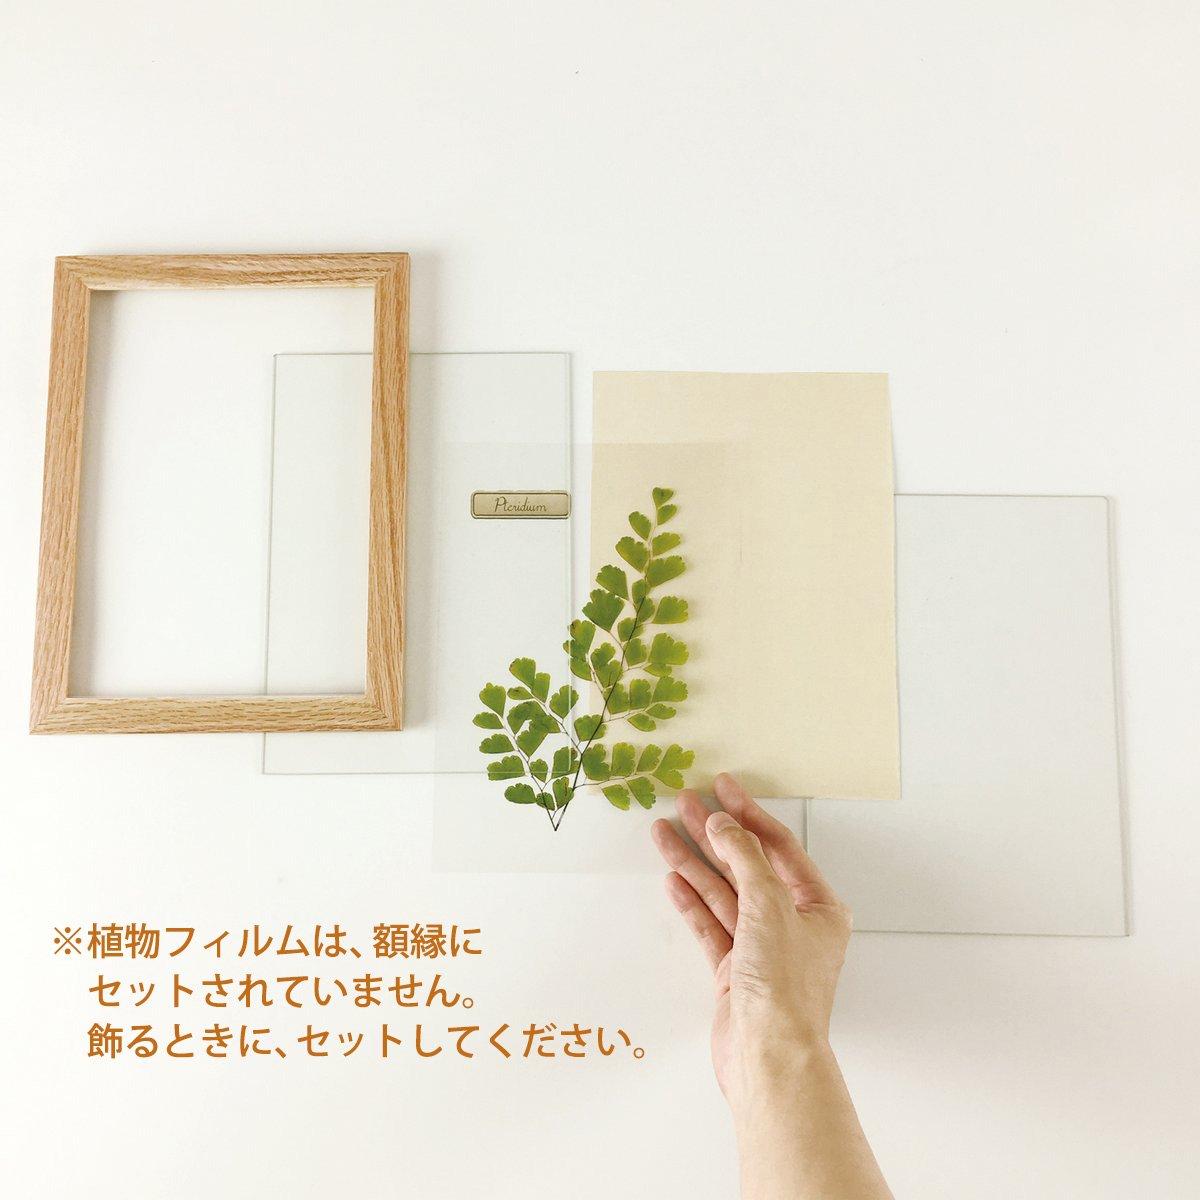 【アートフレーム】ハーバリウムフレーム カキオドシ/ブラウン(壁掛け)